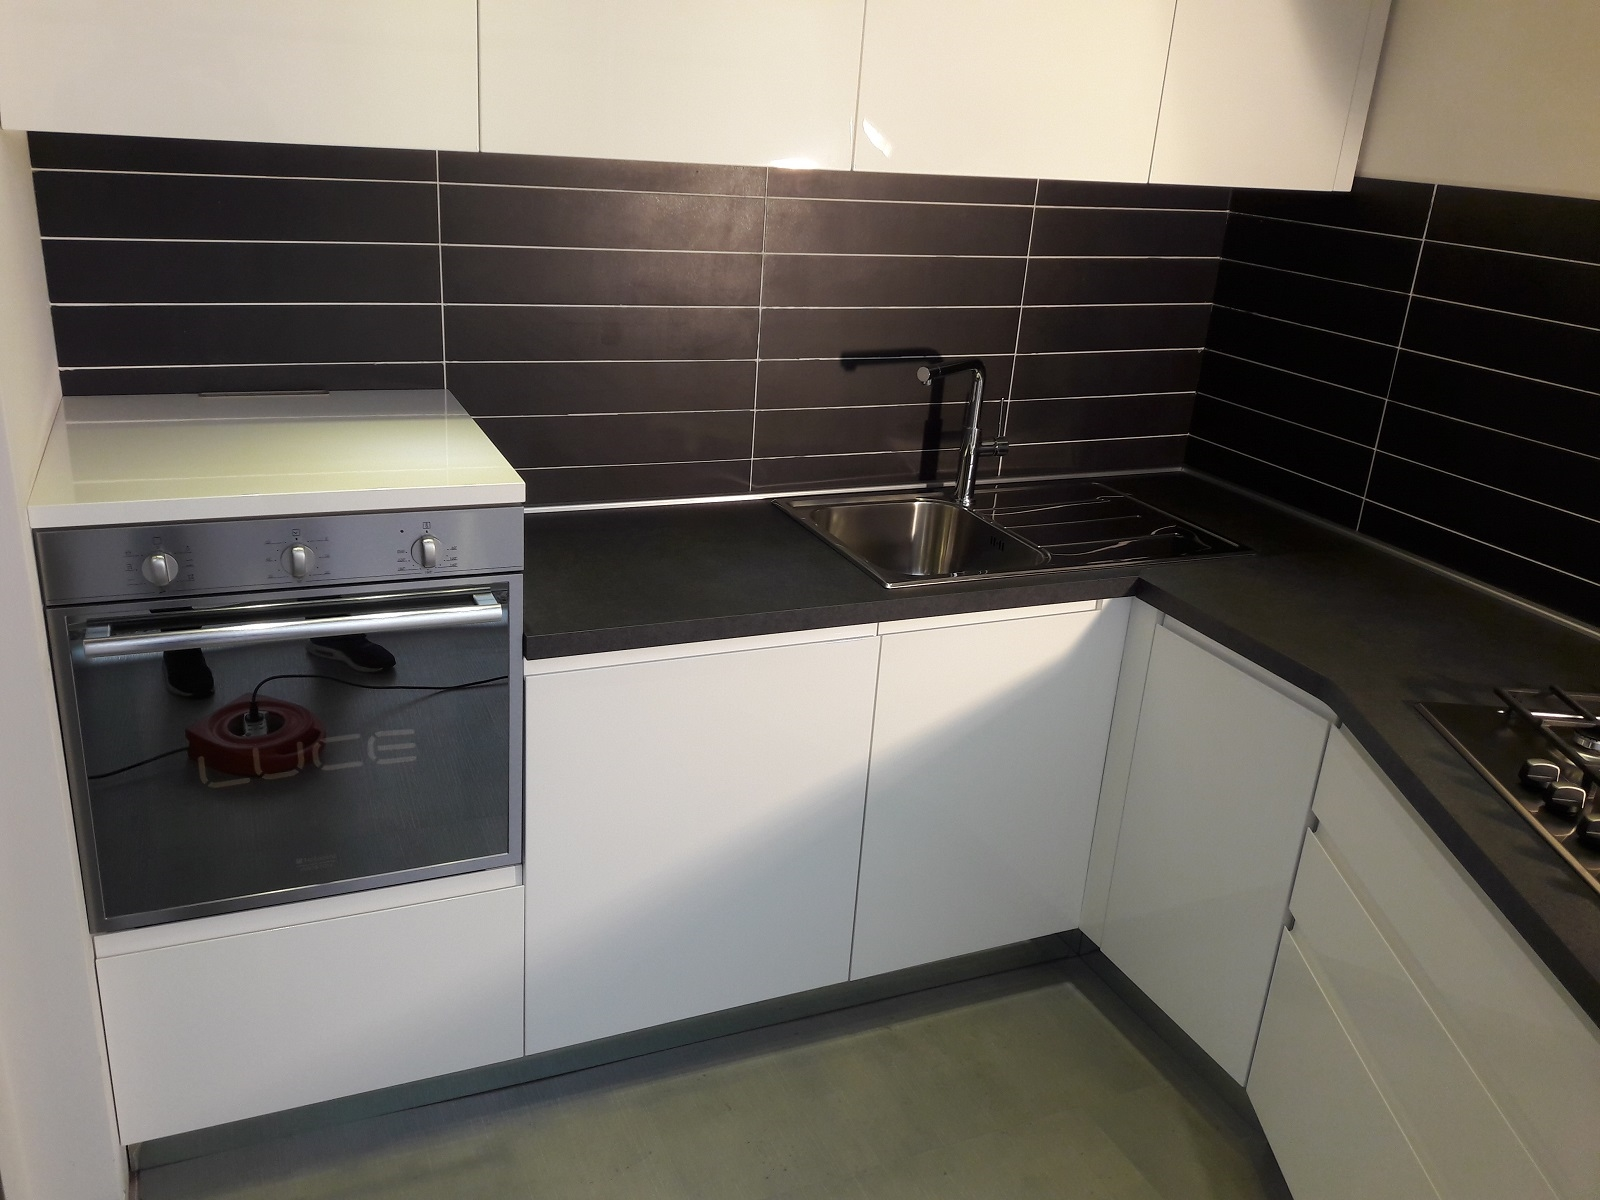 Stosa Cucine Cucina Bring Moderne Laccato Lucido Bianca Cucine A Prezzi Scontati